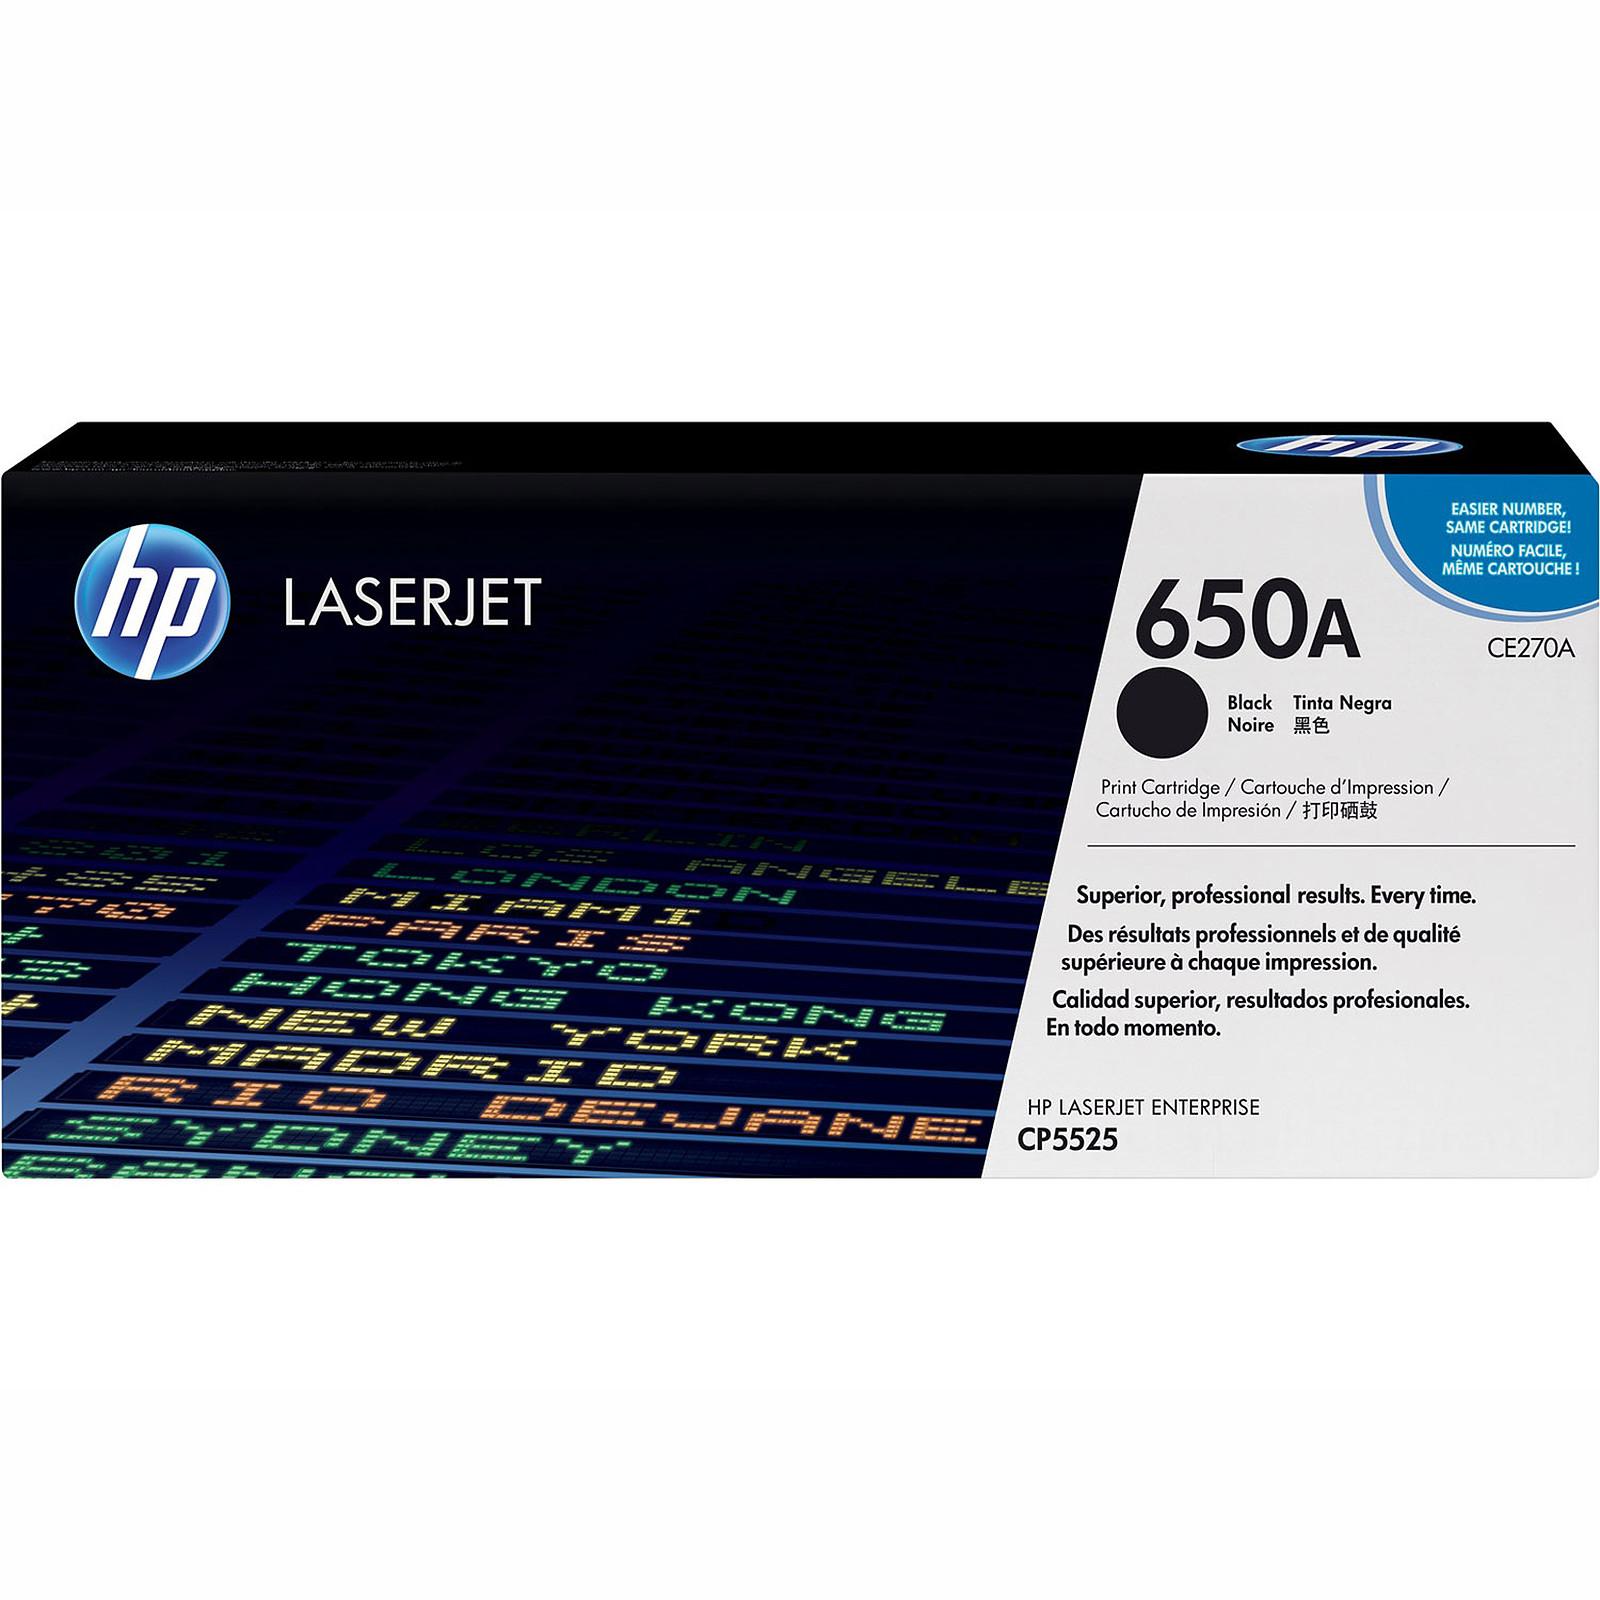 HP LaserJet 650A (CE270A)